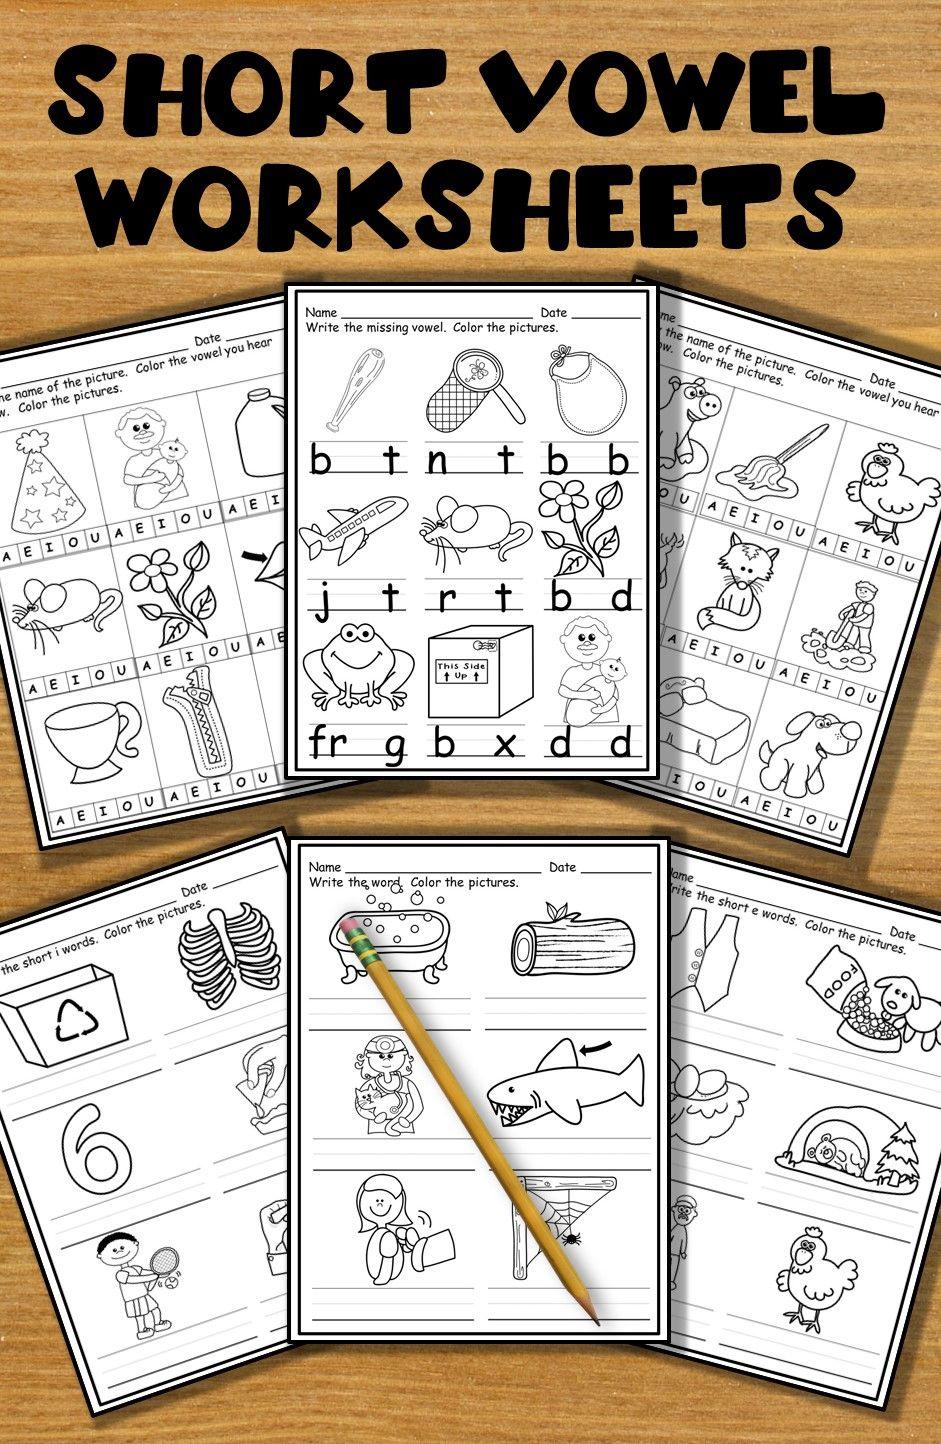 Print And Go Worksheets For Practicing Short Vowels Kindergarten Phonics Worksheets Phonics Kindergarten Homeschool Phonics [ 1444 x 941 Pixel ]